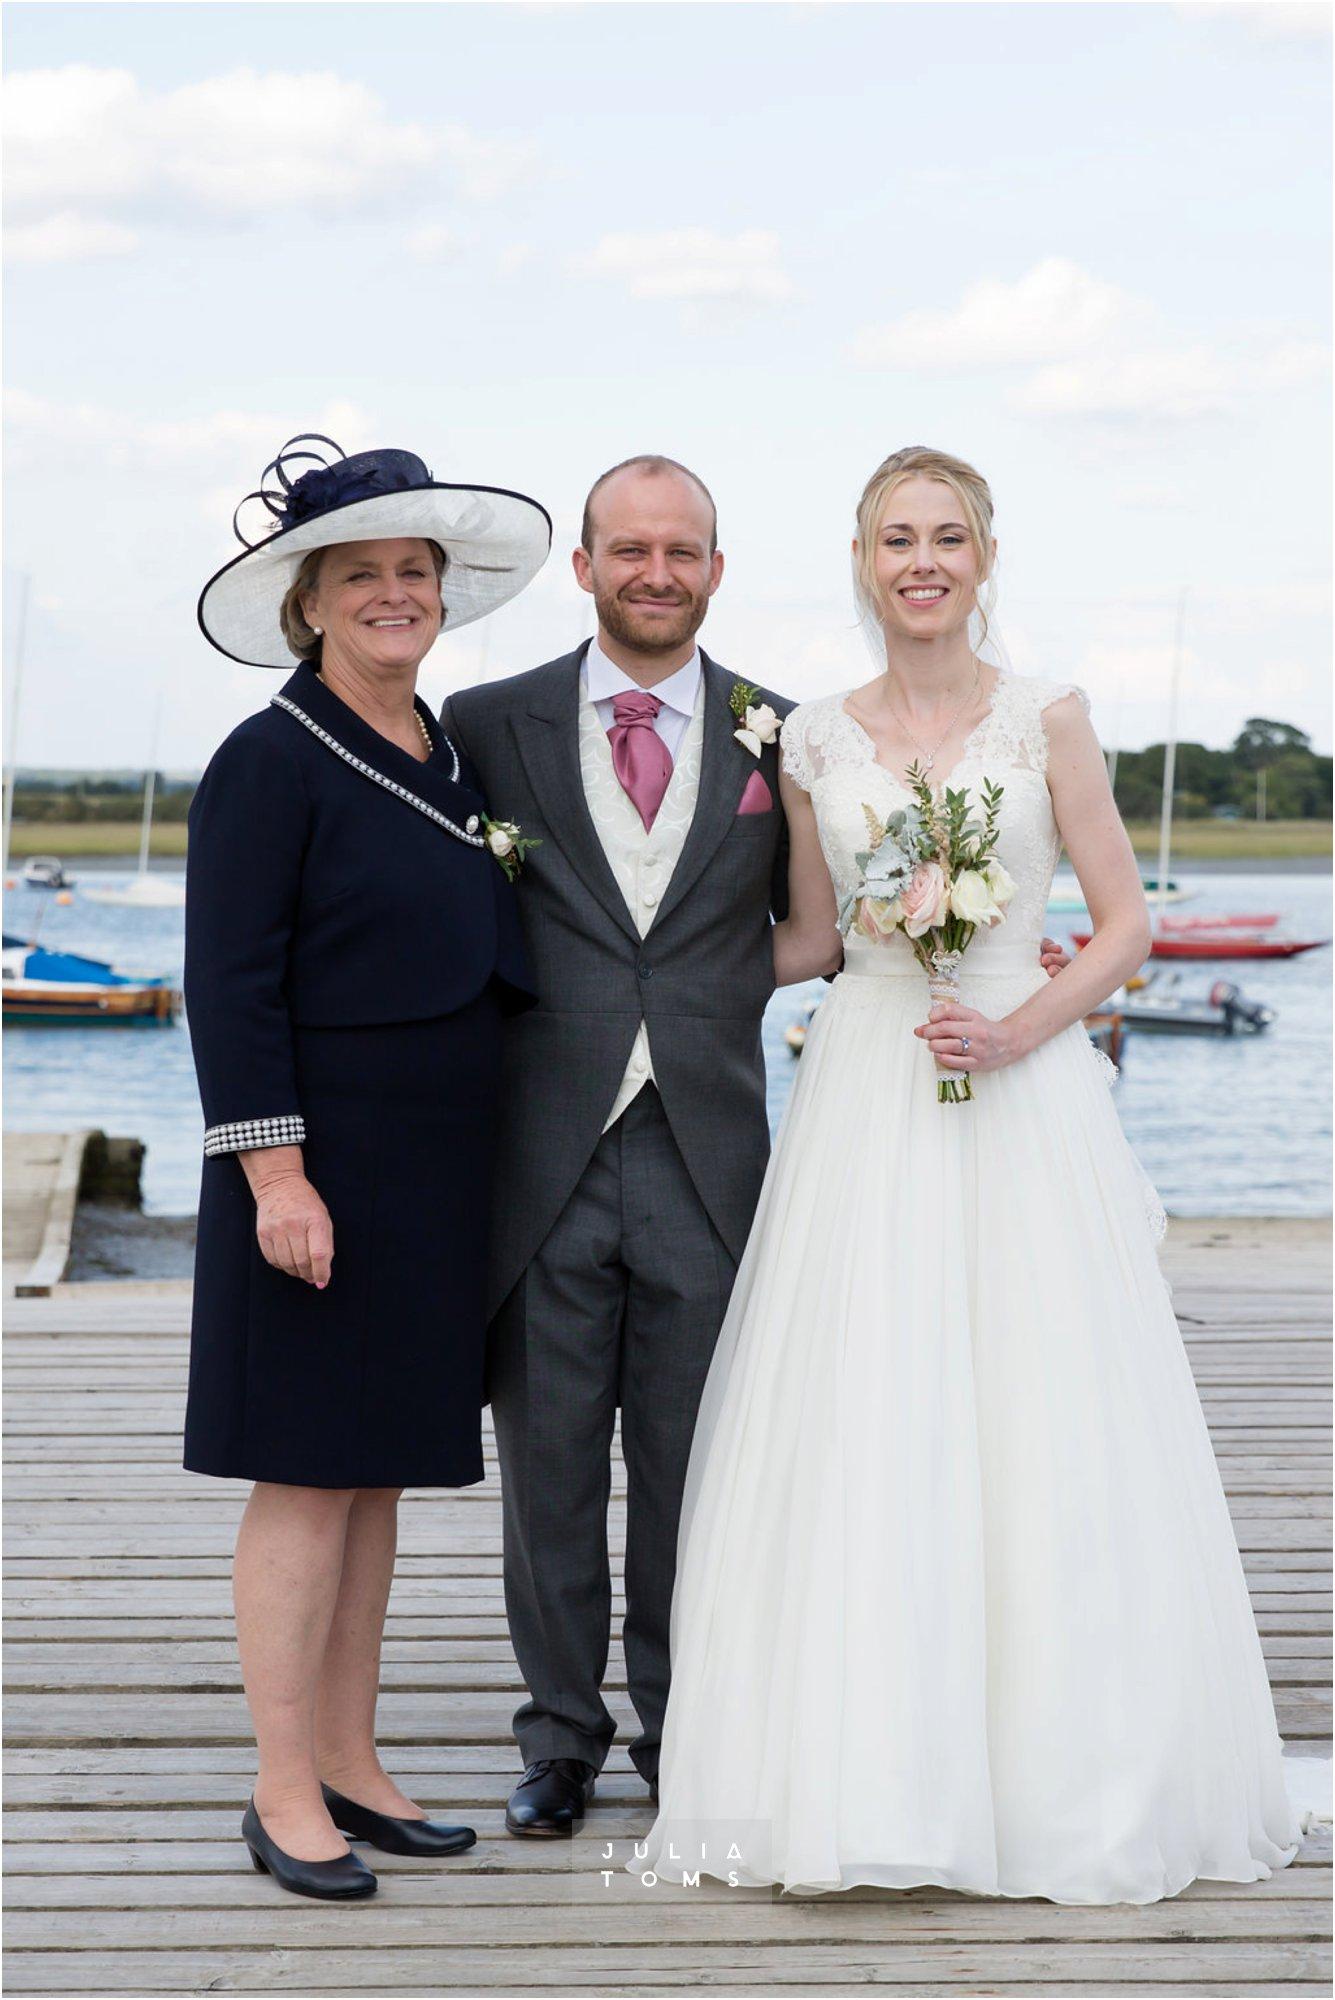 itchenor_wedding_chichester_photographer_071.jpg